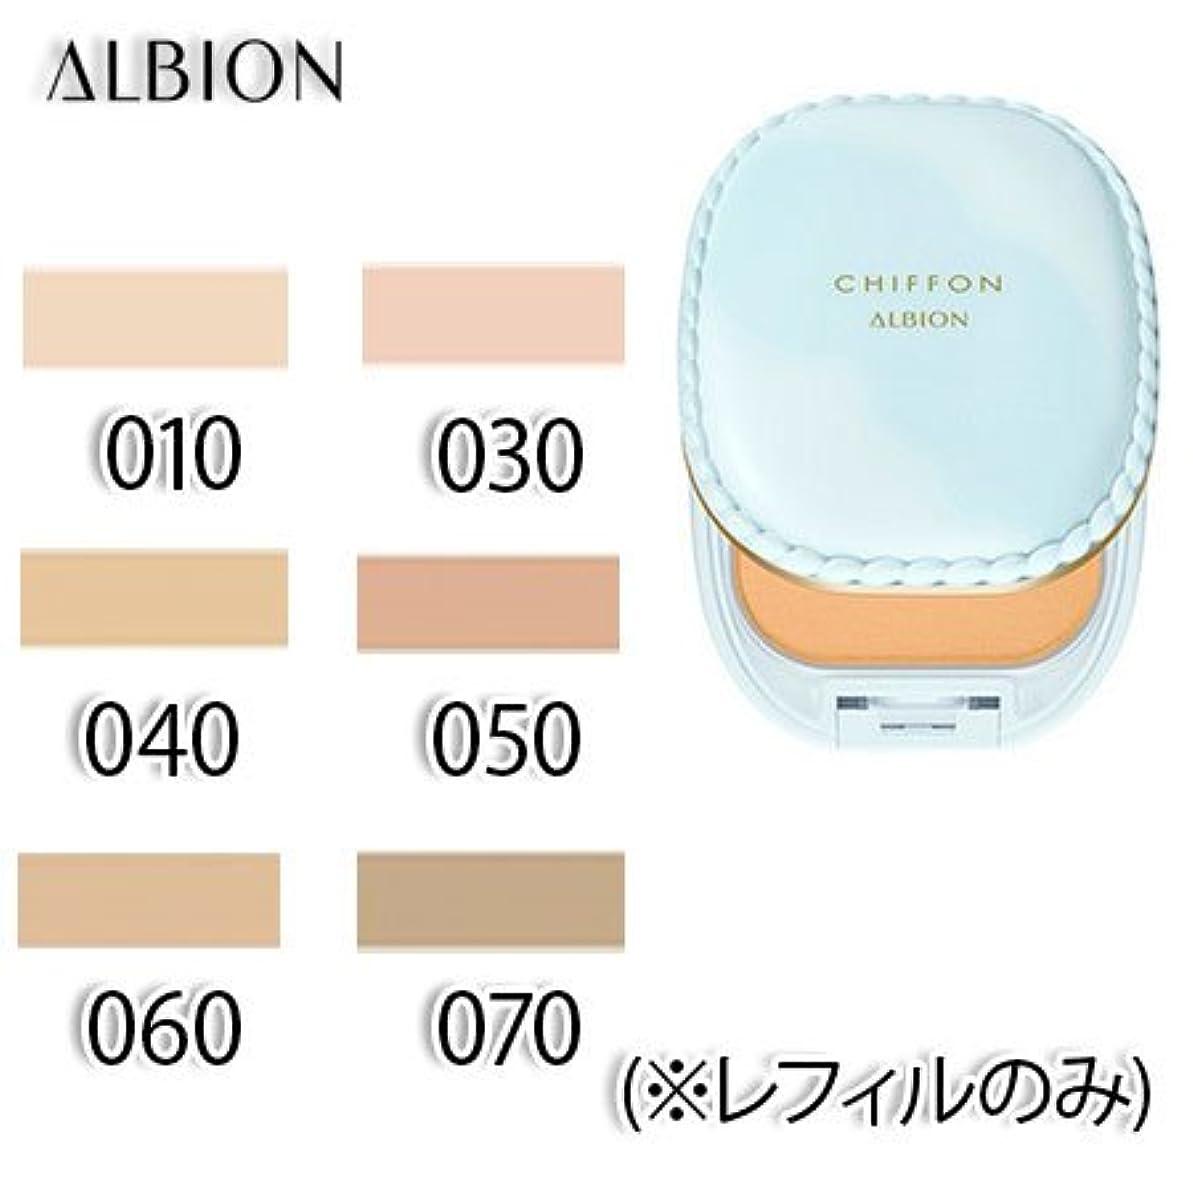 超音速魚だらしないアルビオン スノー ホワイト シフォン 全6色 SPF25?PA++ 10g (レフィルのみ) -ALBION- 030